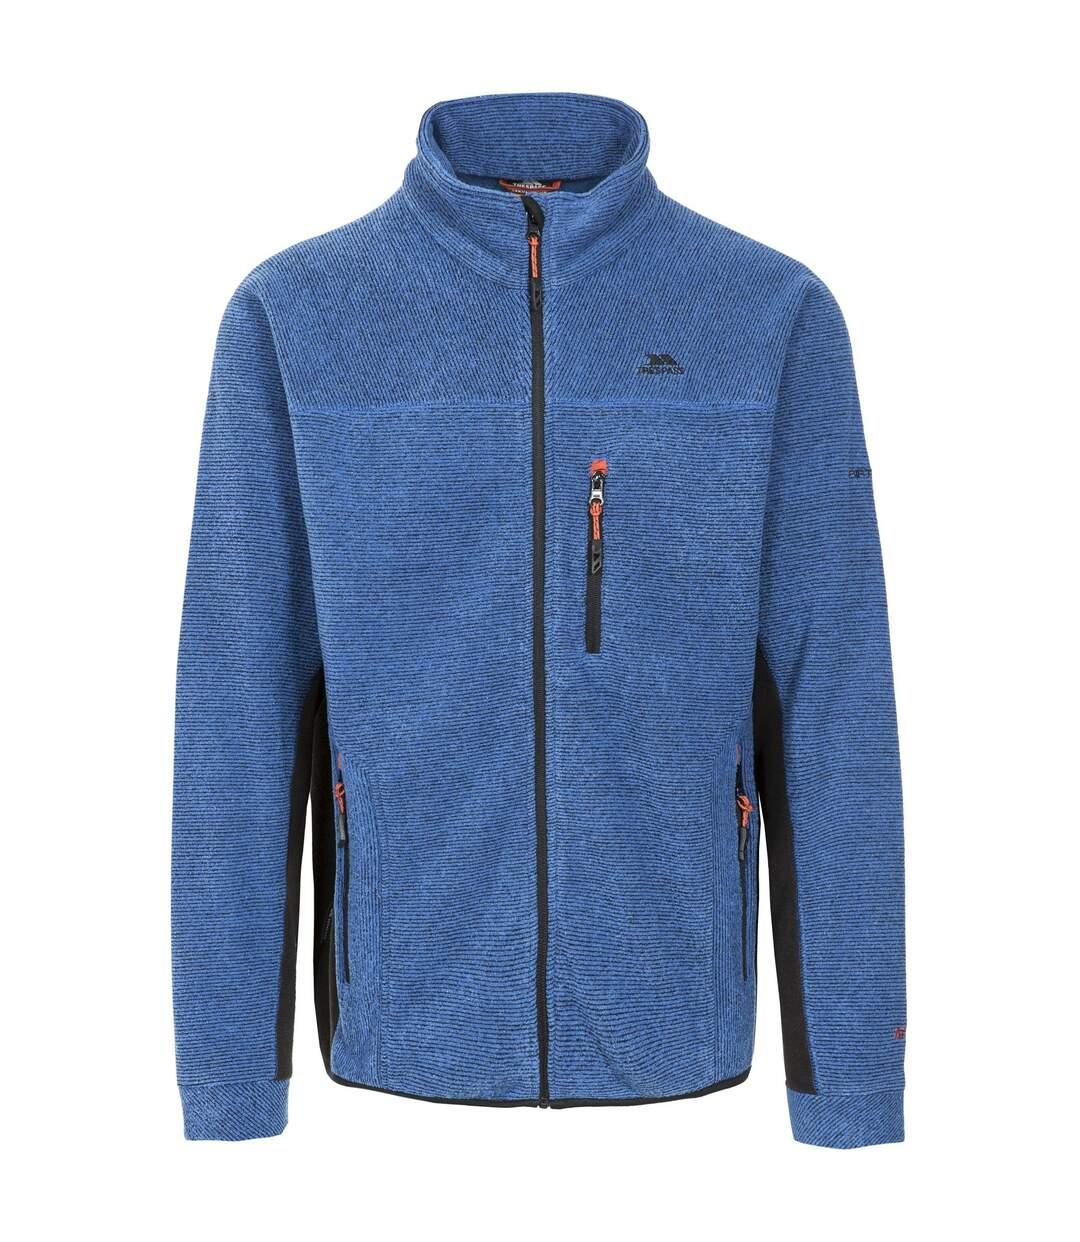 Trespass Mens Jynx Full Zip Fleece Jacket (Blue) - UTTP256